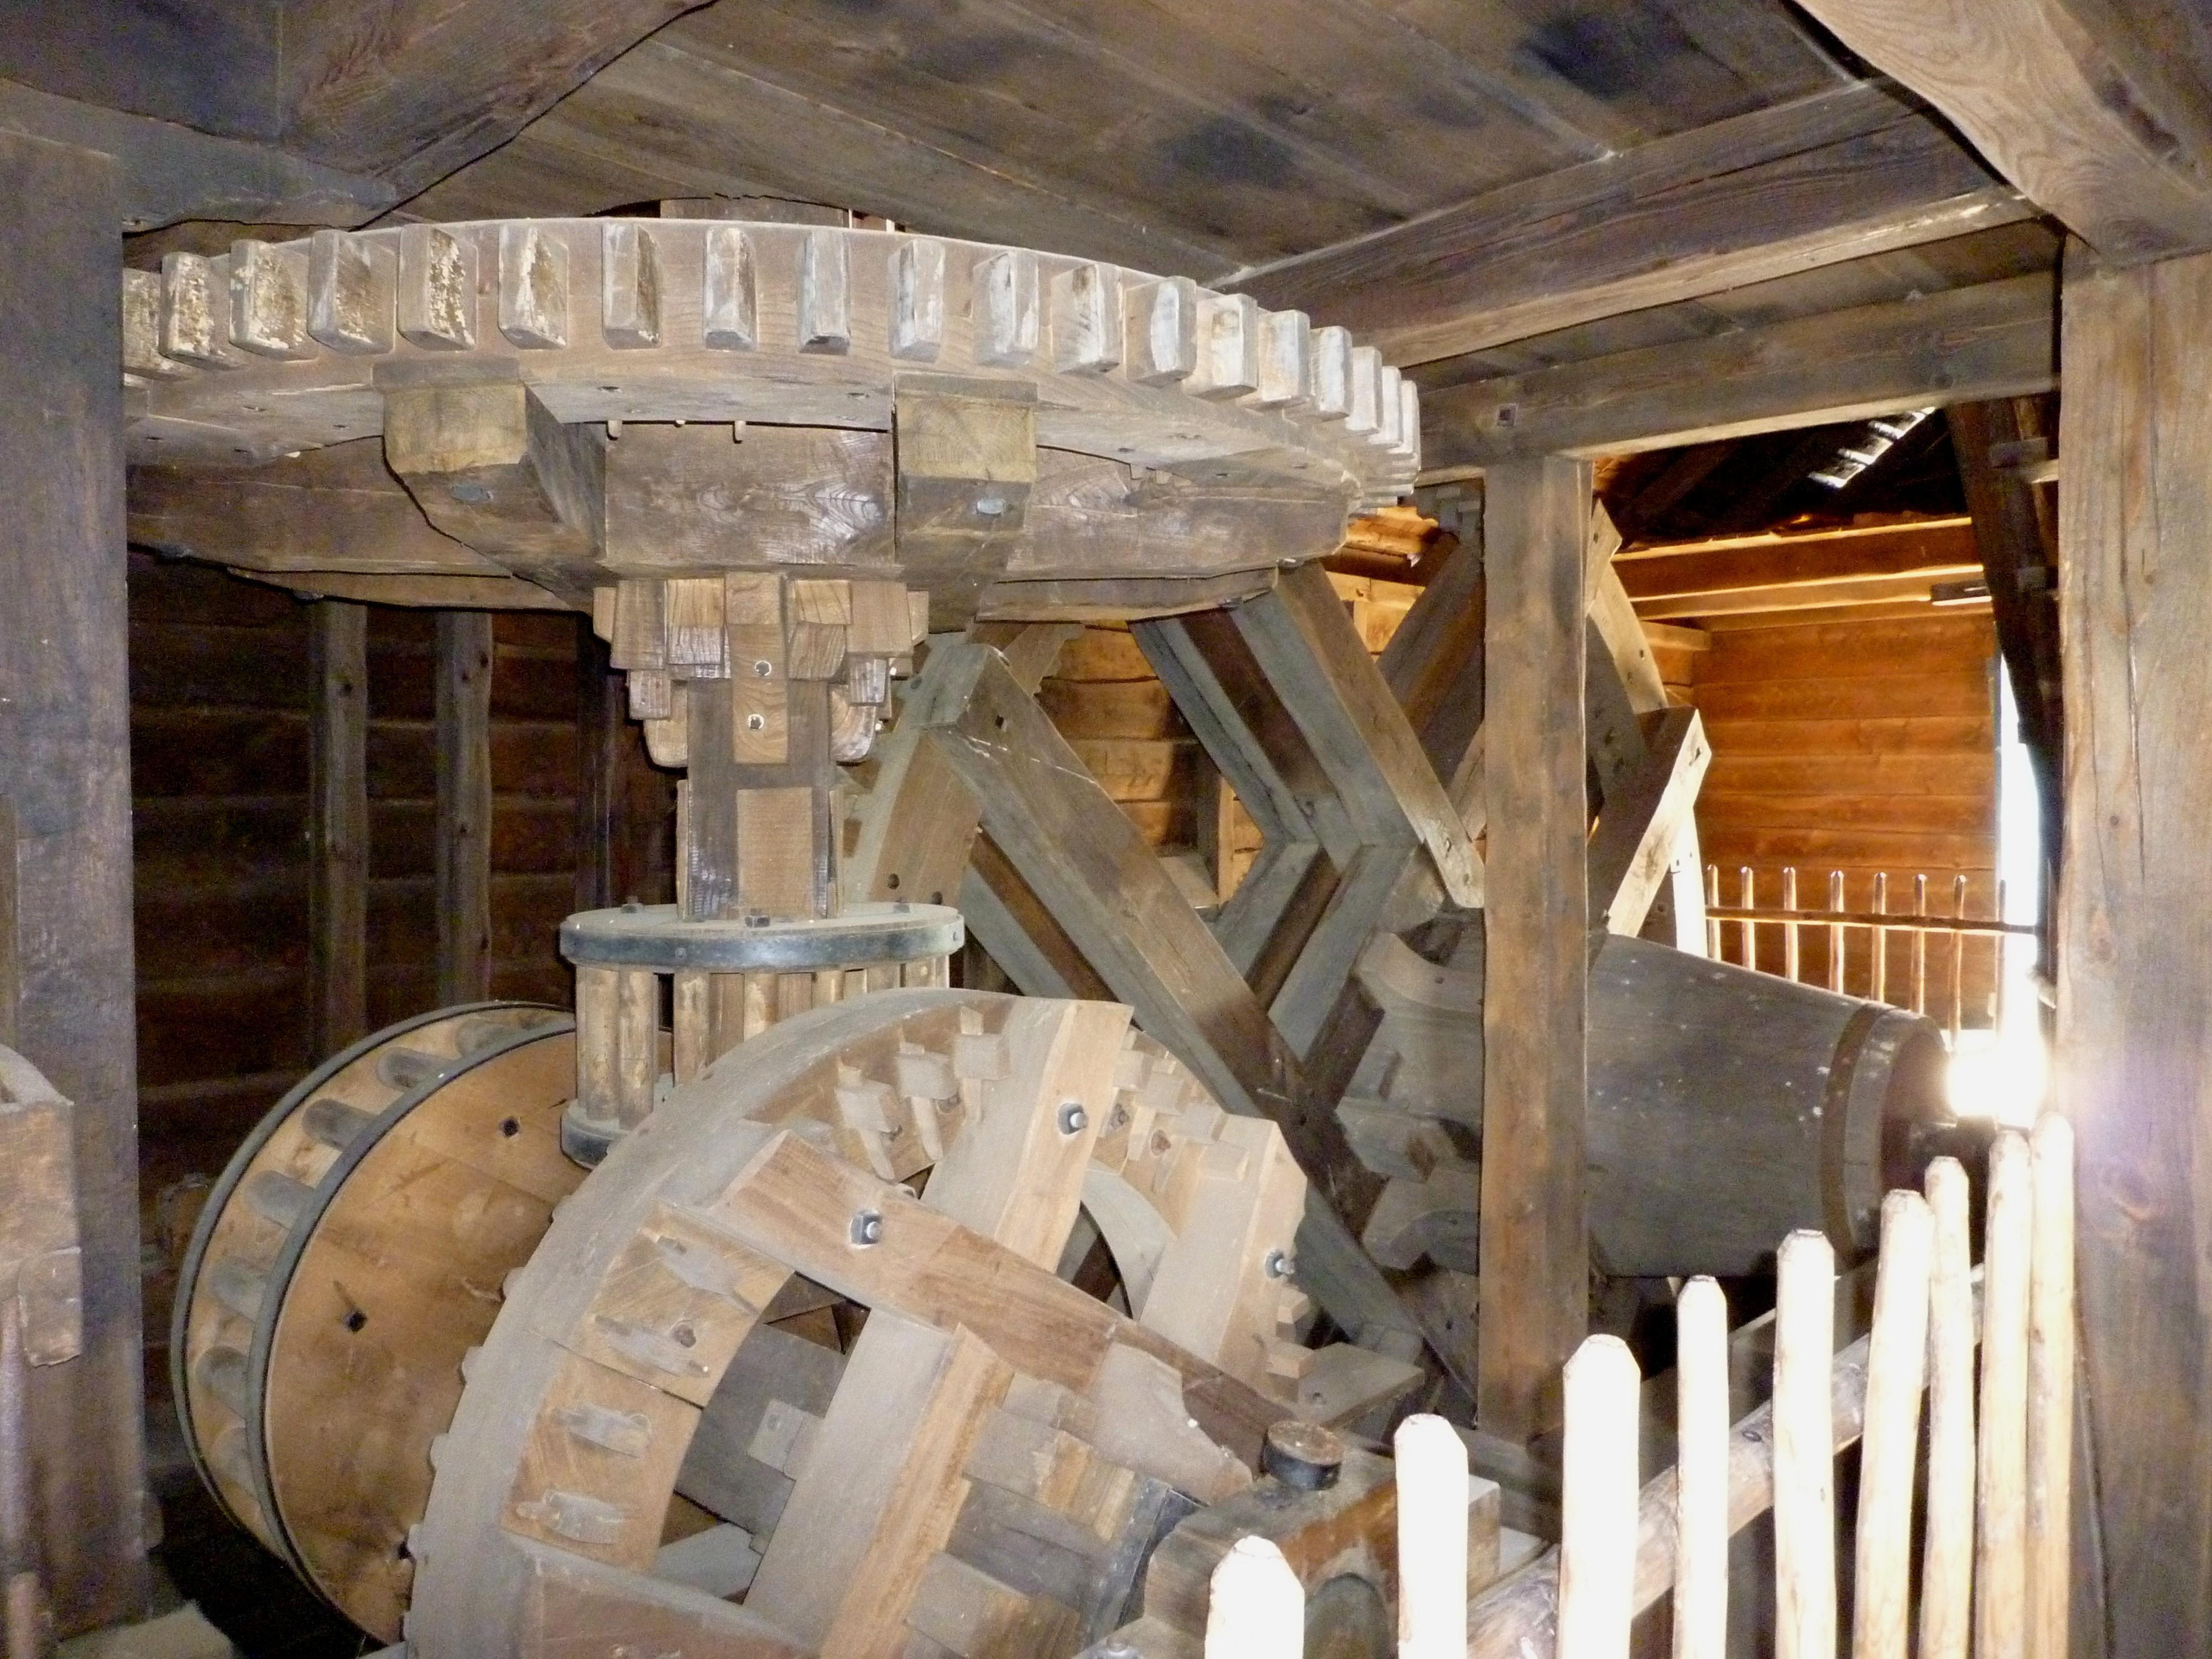 Человек издавна научился преобразовывать энергию ветра и воды в полезную силу. На фото: огромные шестерни, служащие для передачи вращения колеса на жернова. Источник https://upload.wikimedia.org/